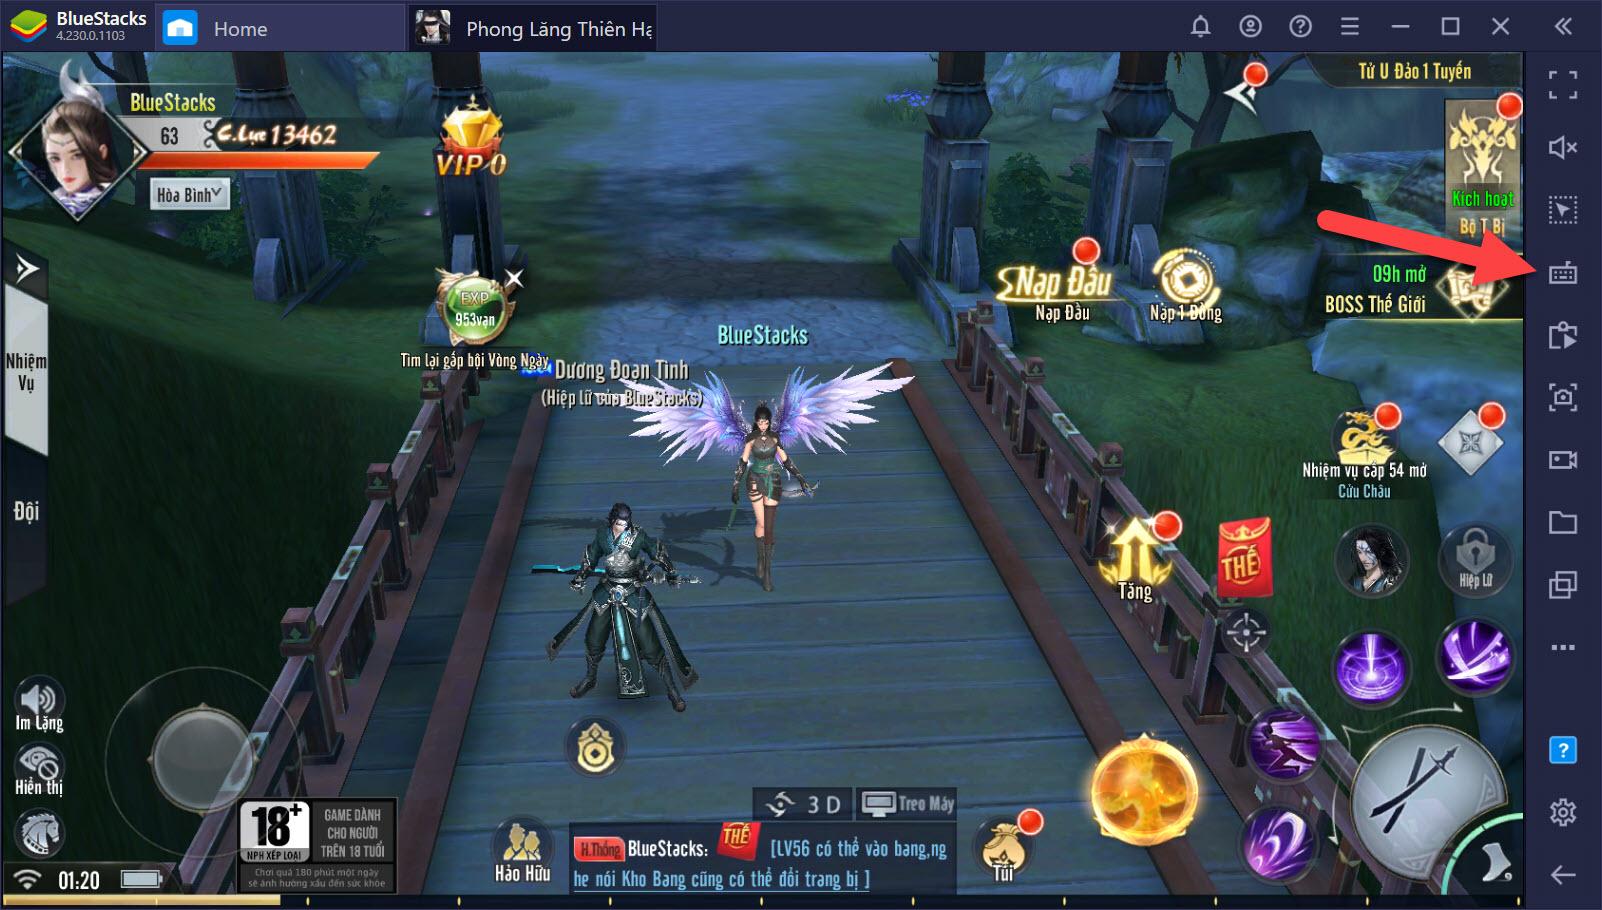 Kích hoạt Game Controls, tối ưu PvP trong Phong Lăng Thiên Hạ